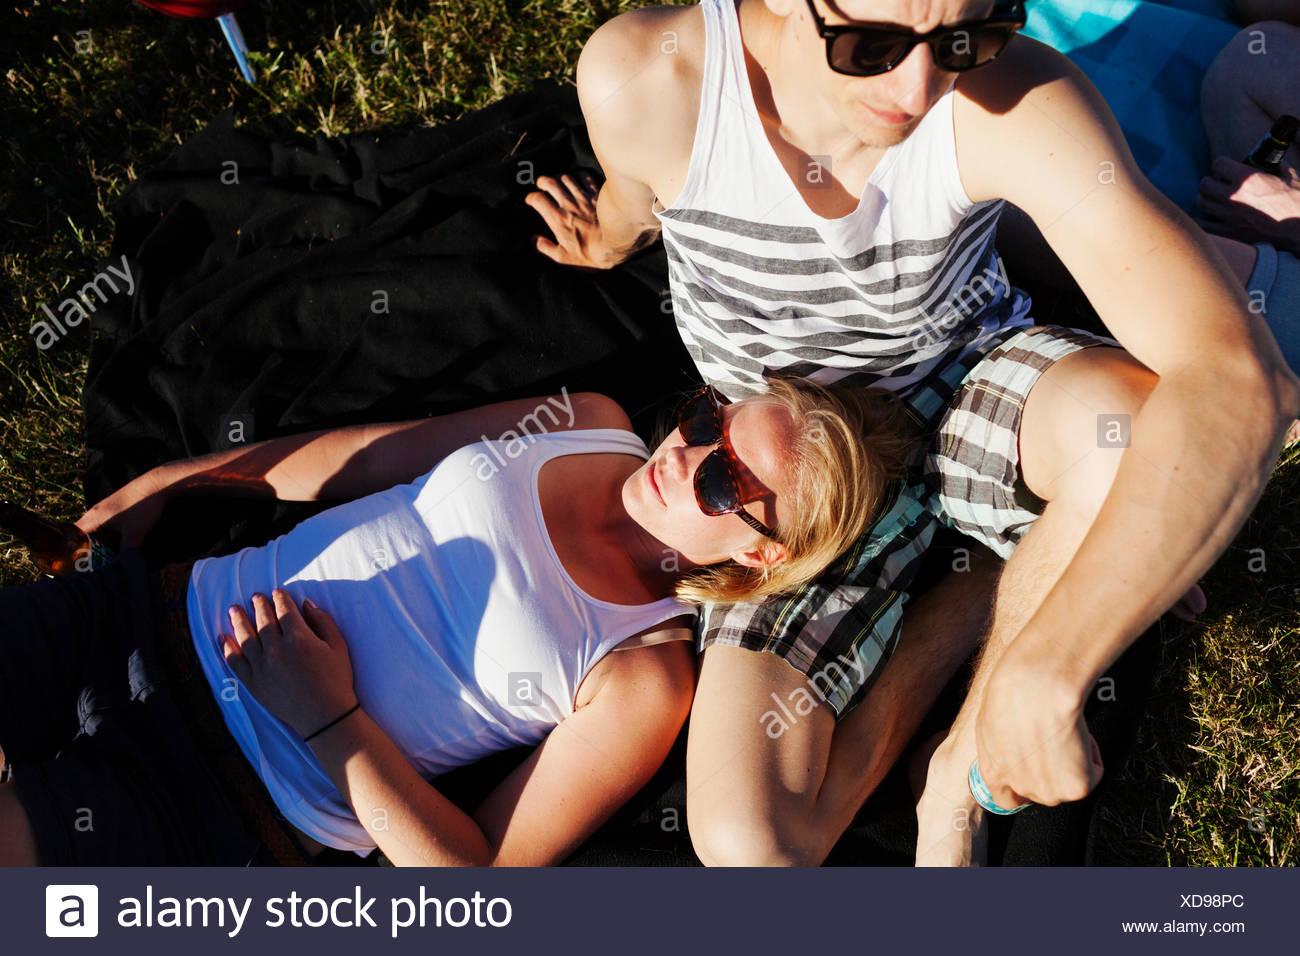 Un alto ángulo de vista de la mujer y el hombre en picnic relajante Imagen De Stock